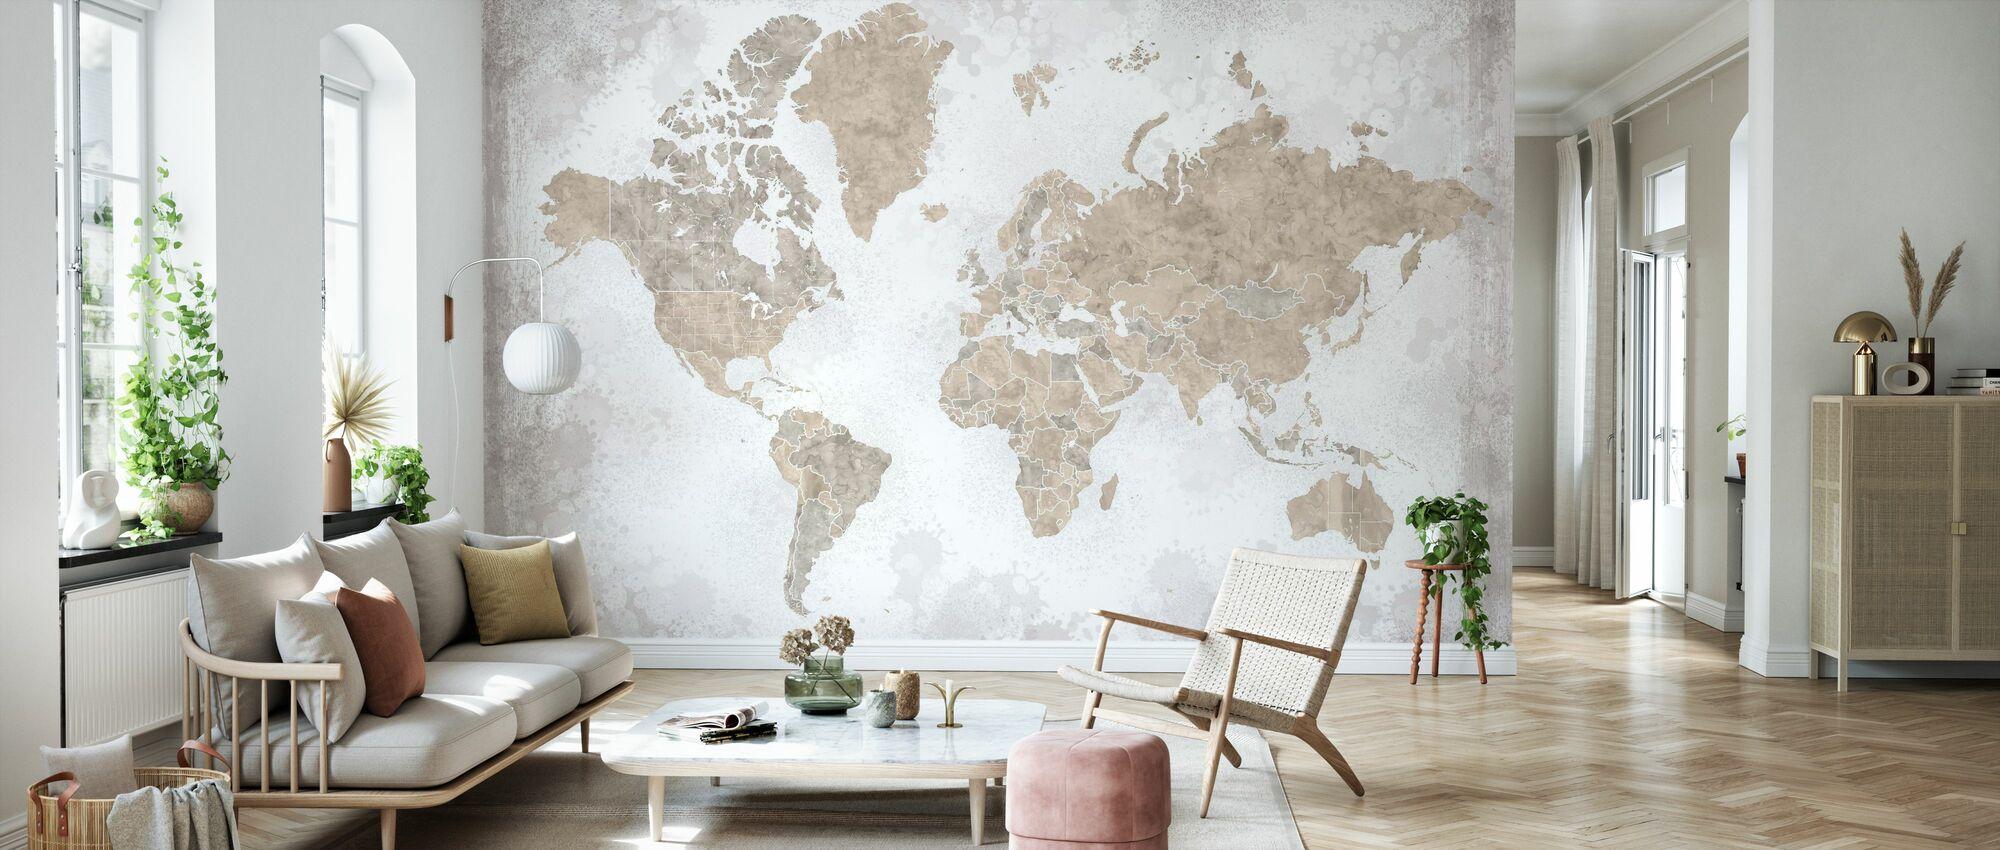 Weltkarte ohne Text - Tapete - Wohnzimmer